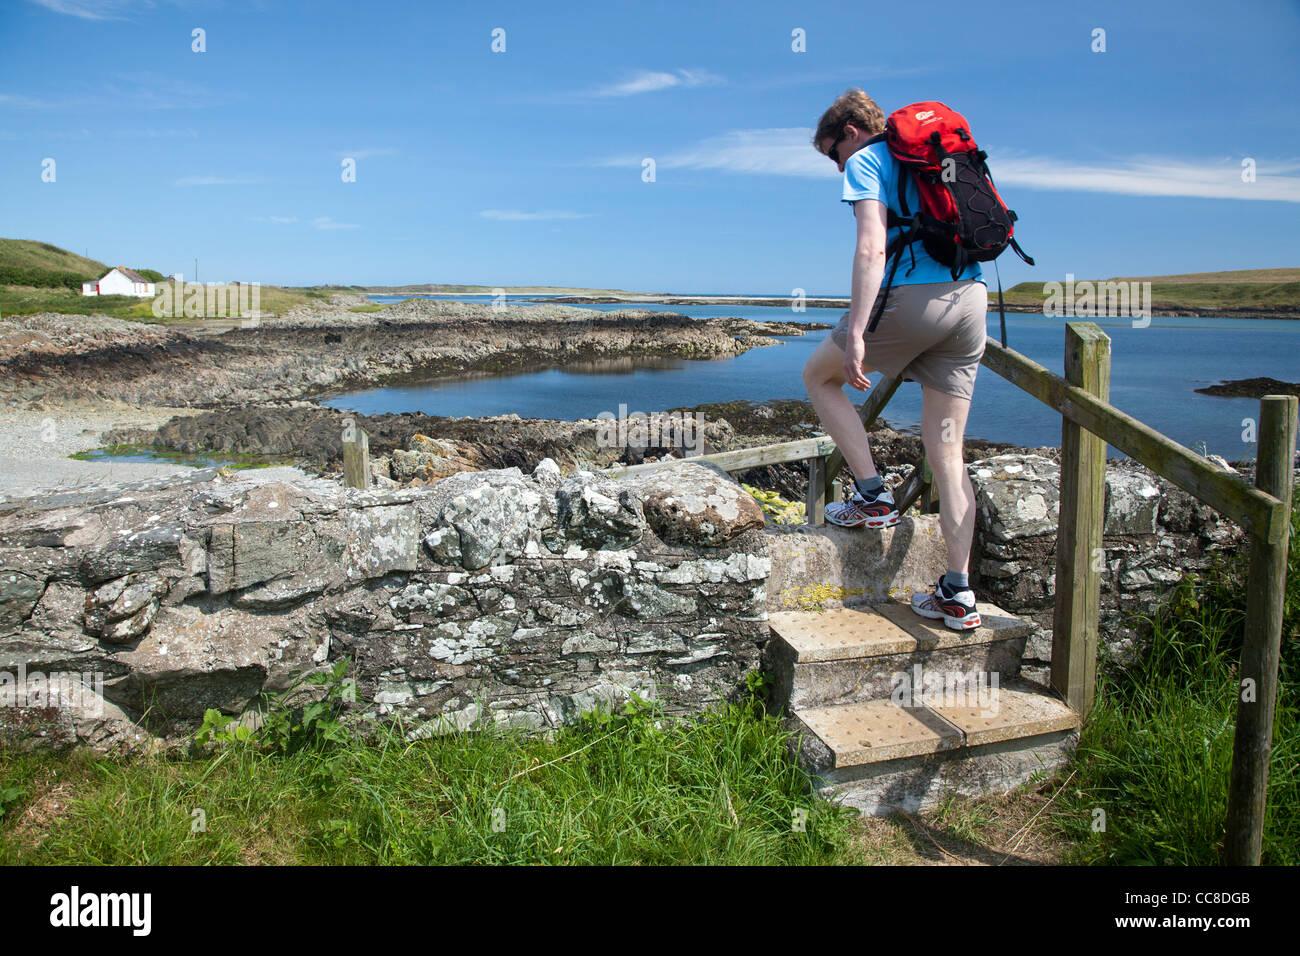 Walker crossing un stile sur le chemin côtier, Ballyhornan Lecale Way, comté de Down, Irlande du Nord. Banque D'Images